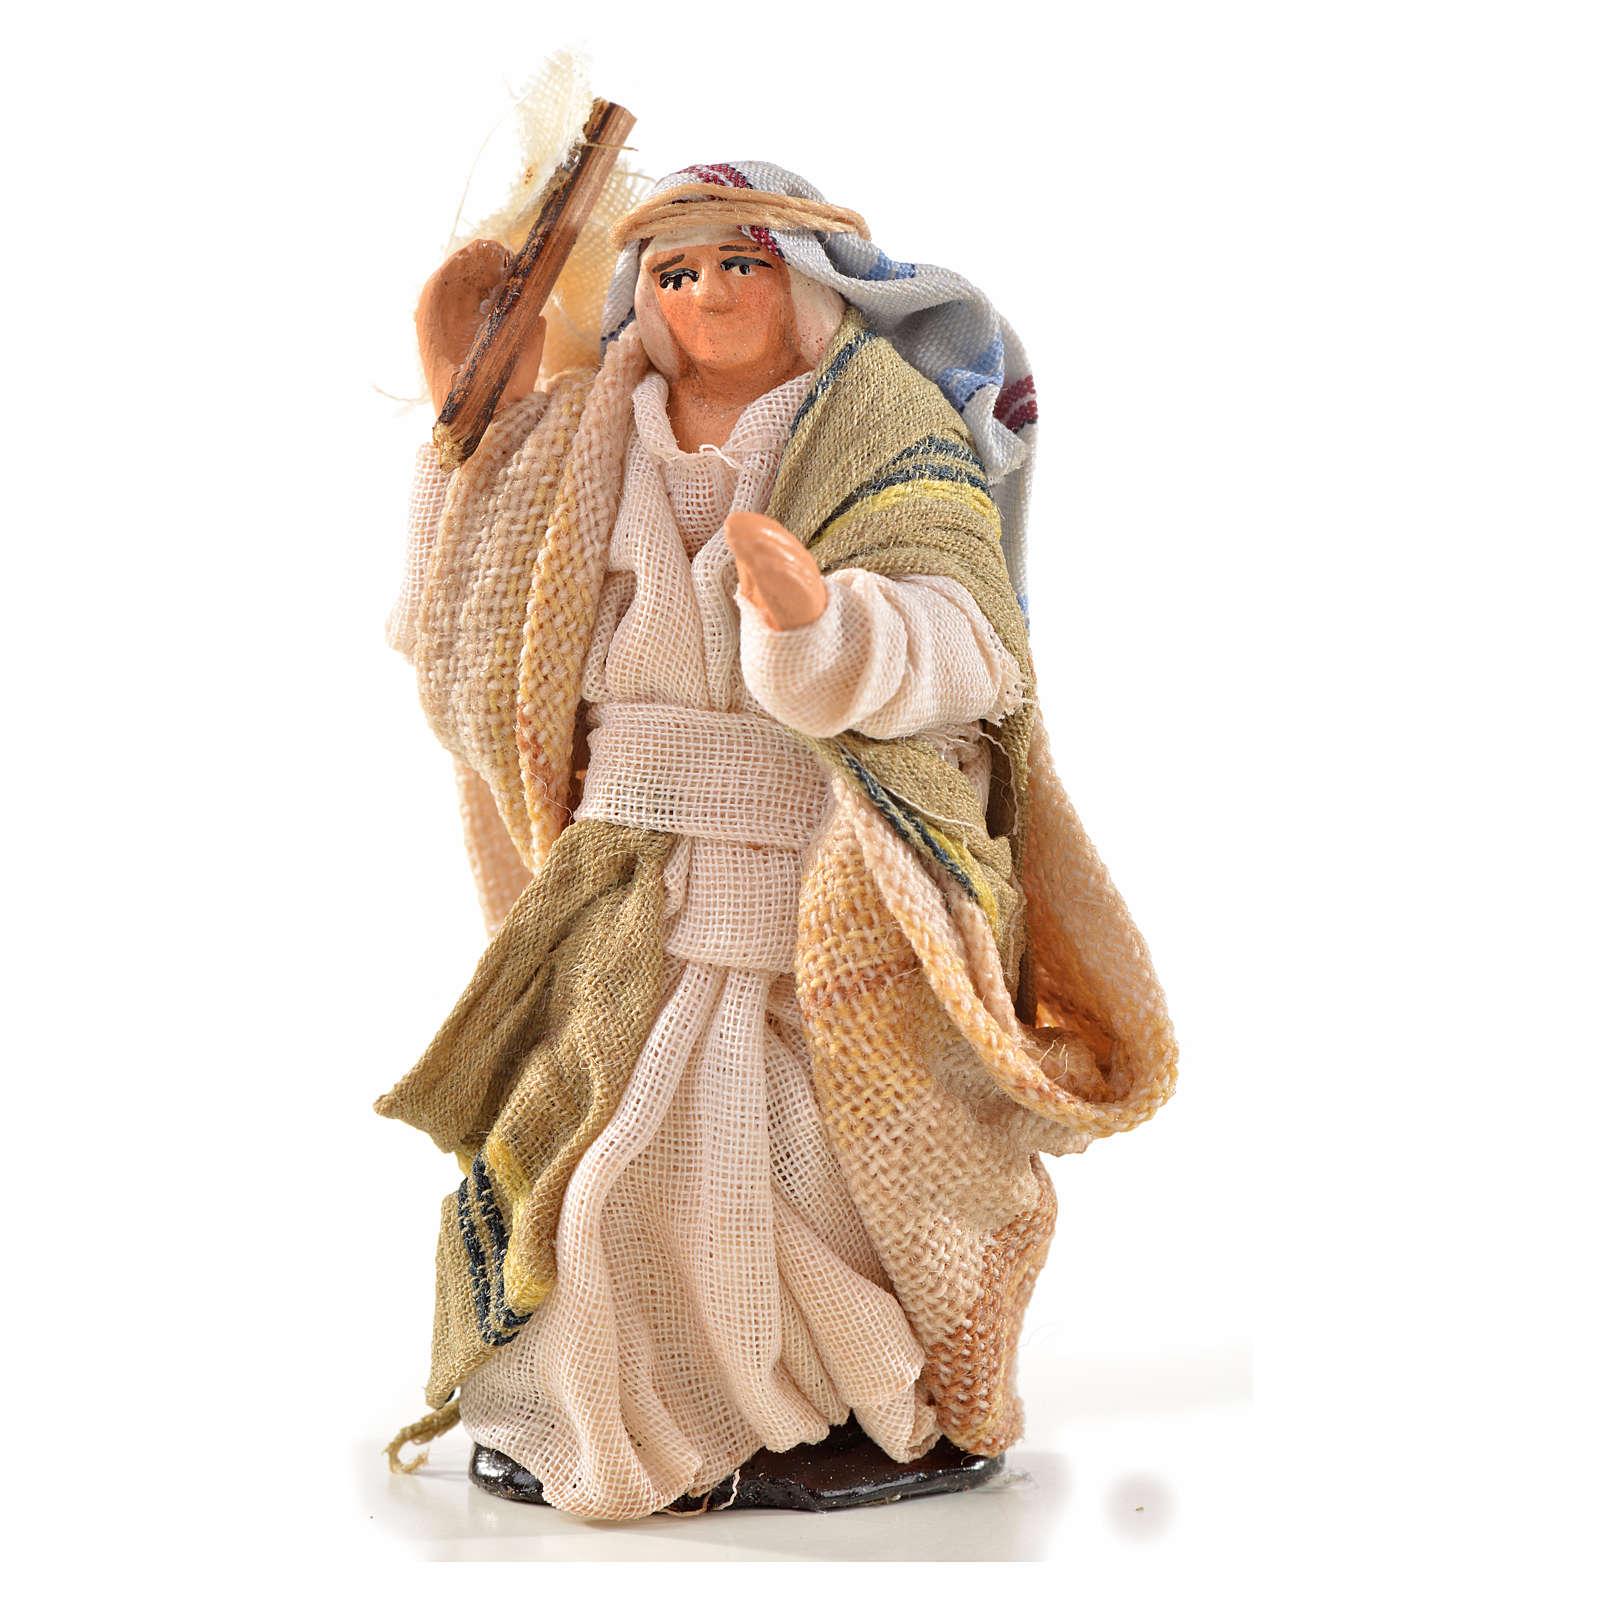 Uomo con sacco 6 cm presepe Napoli stile arabo 4